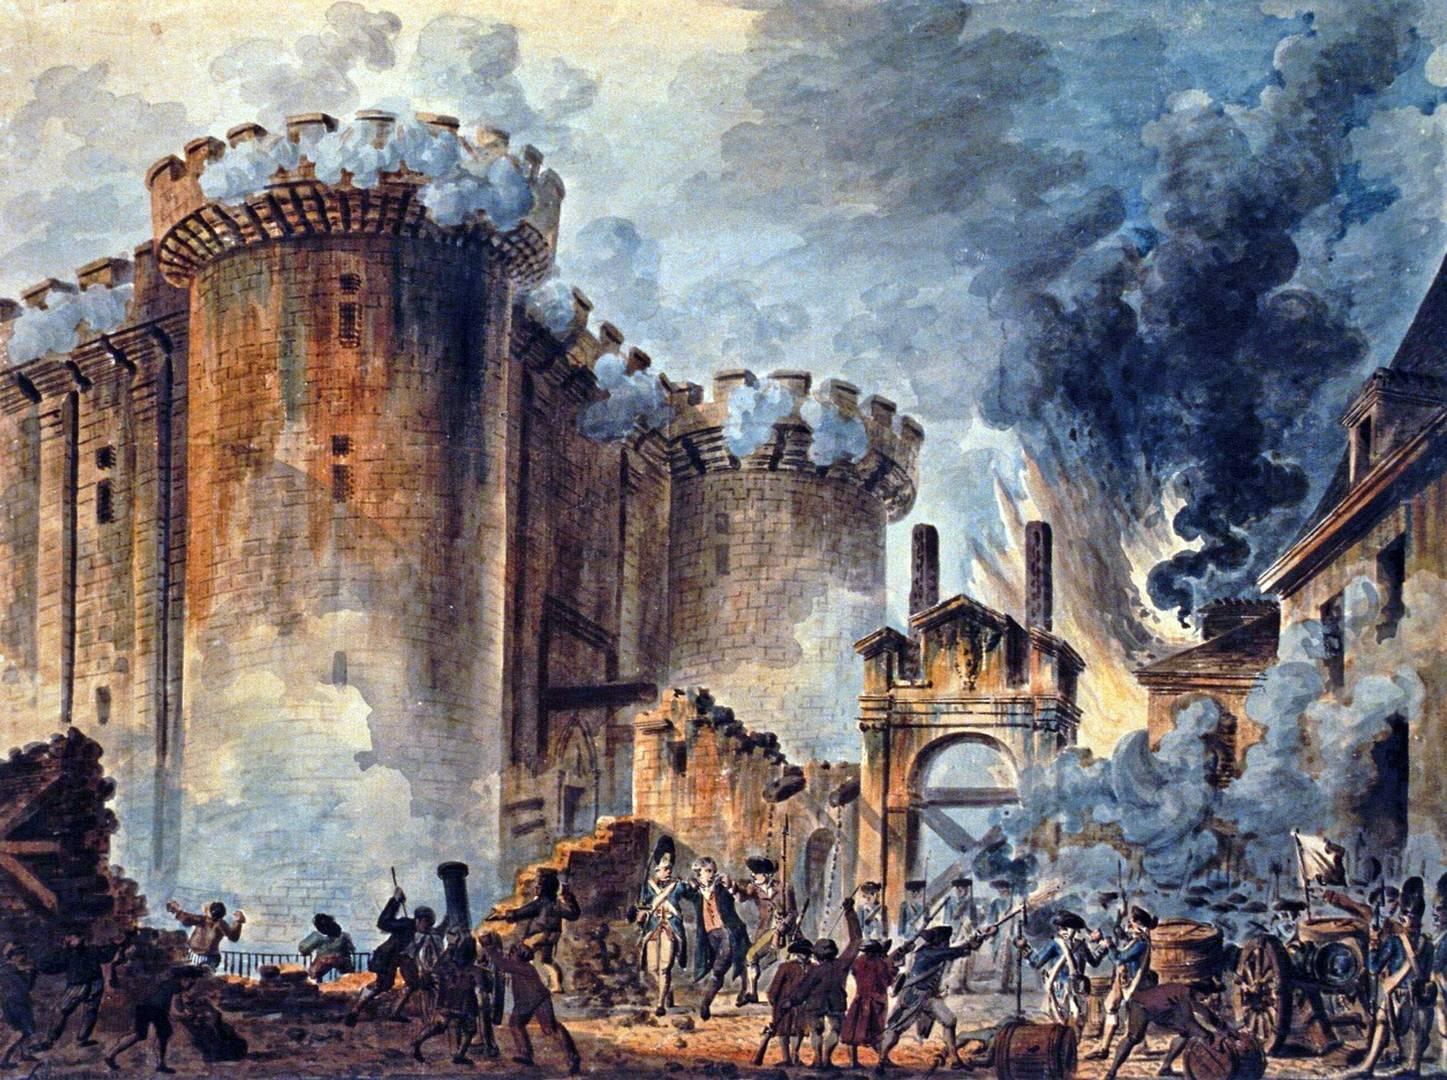 Жан-Пьер Уэль. Взятие Бастилии. 1789